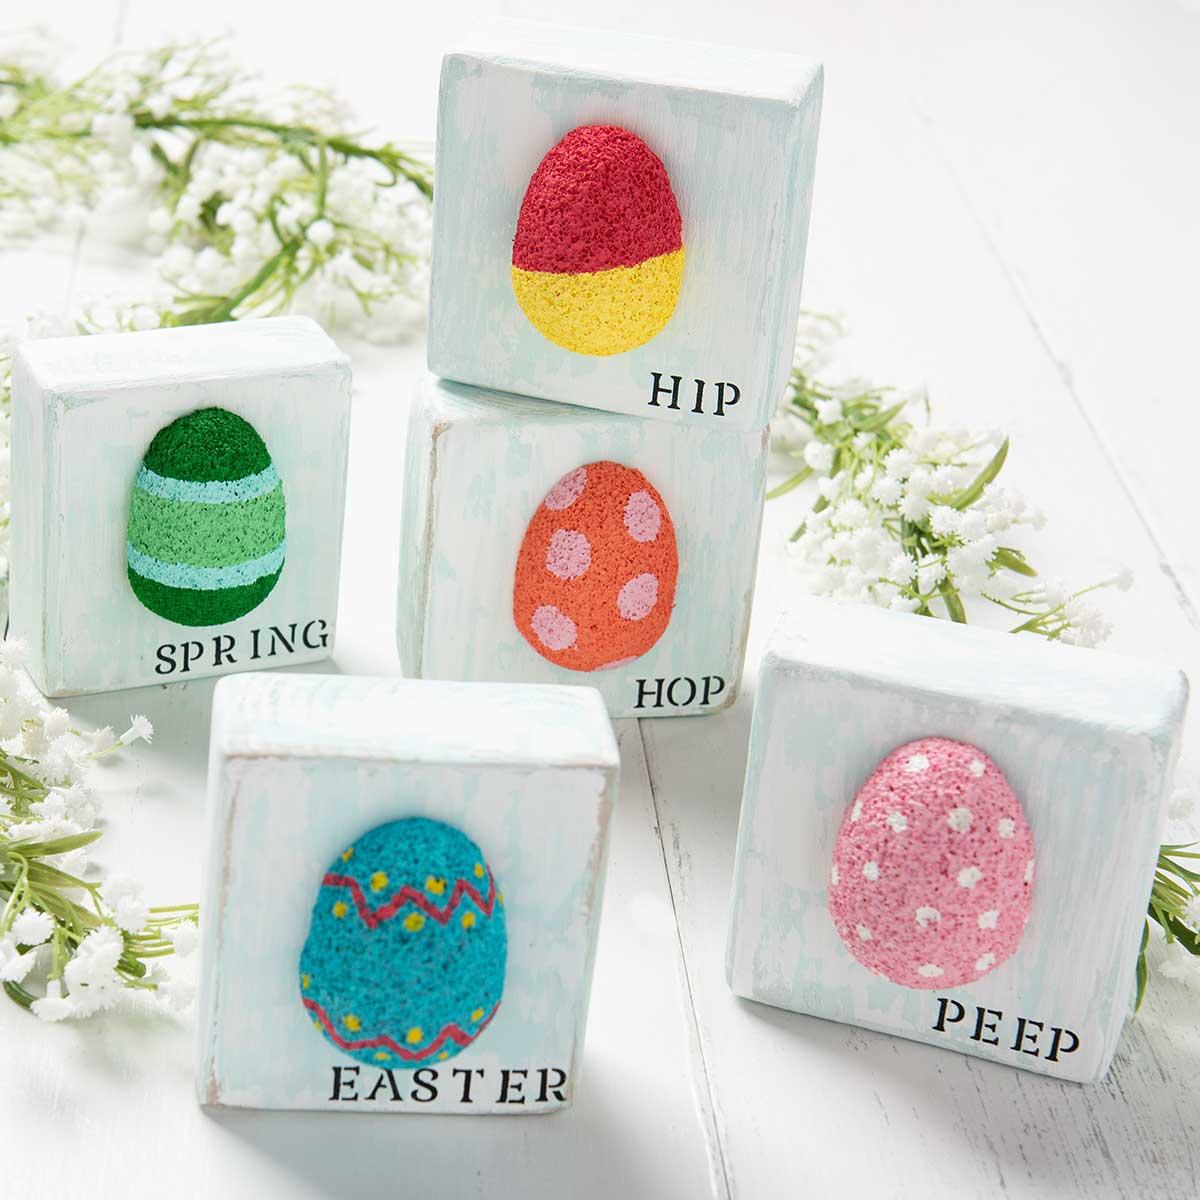 DIY Easter Decor - Easter Egg Wooden Blocks